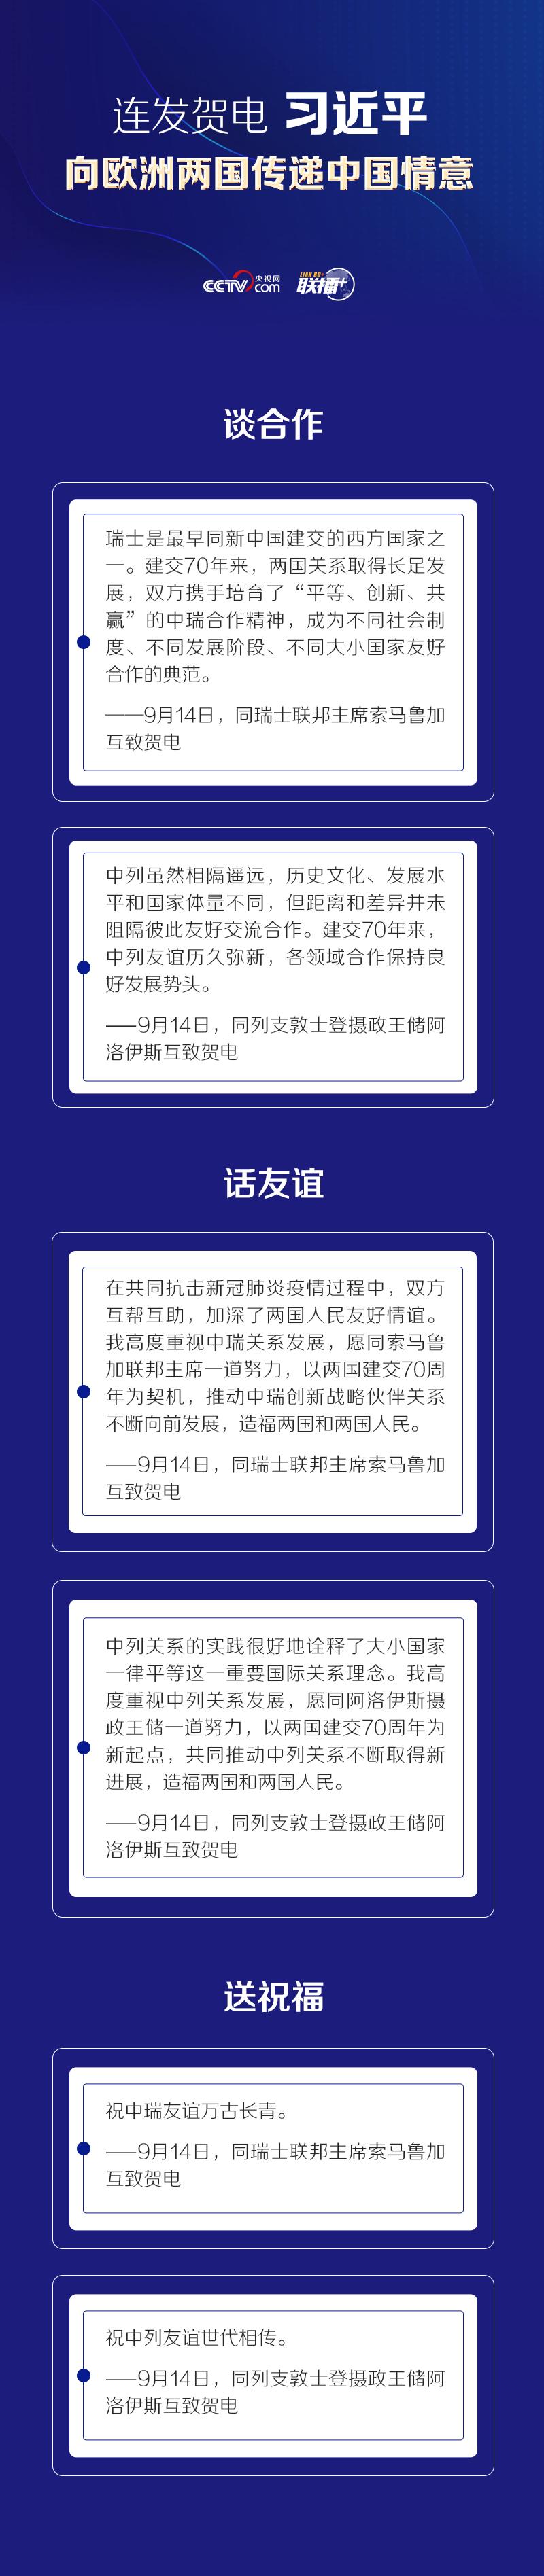 联播+丨连发贺电 习近平向欧洲两国传递中国情意